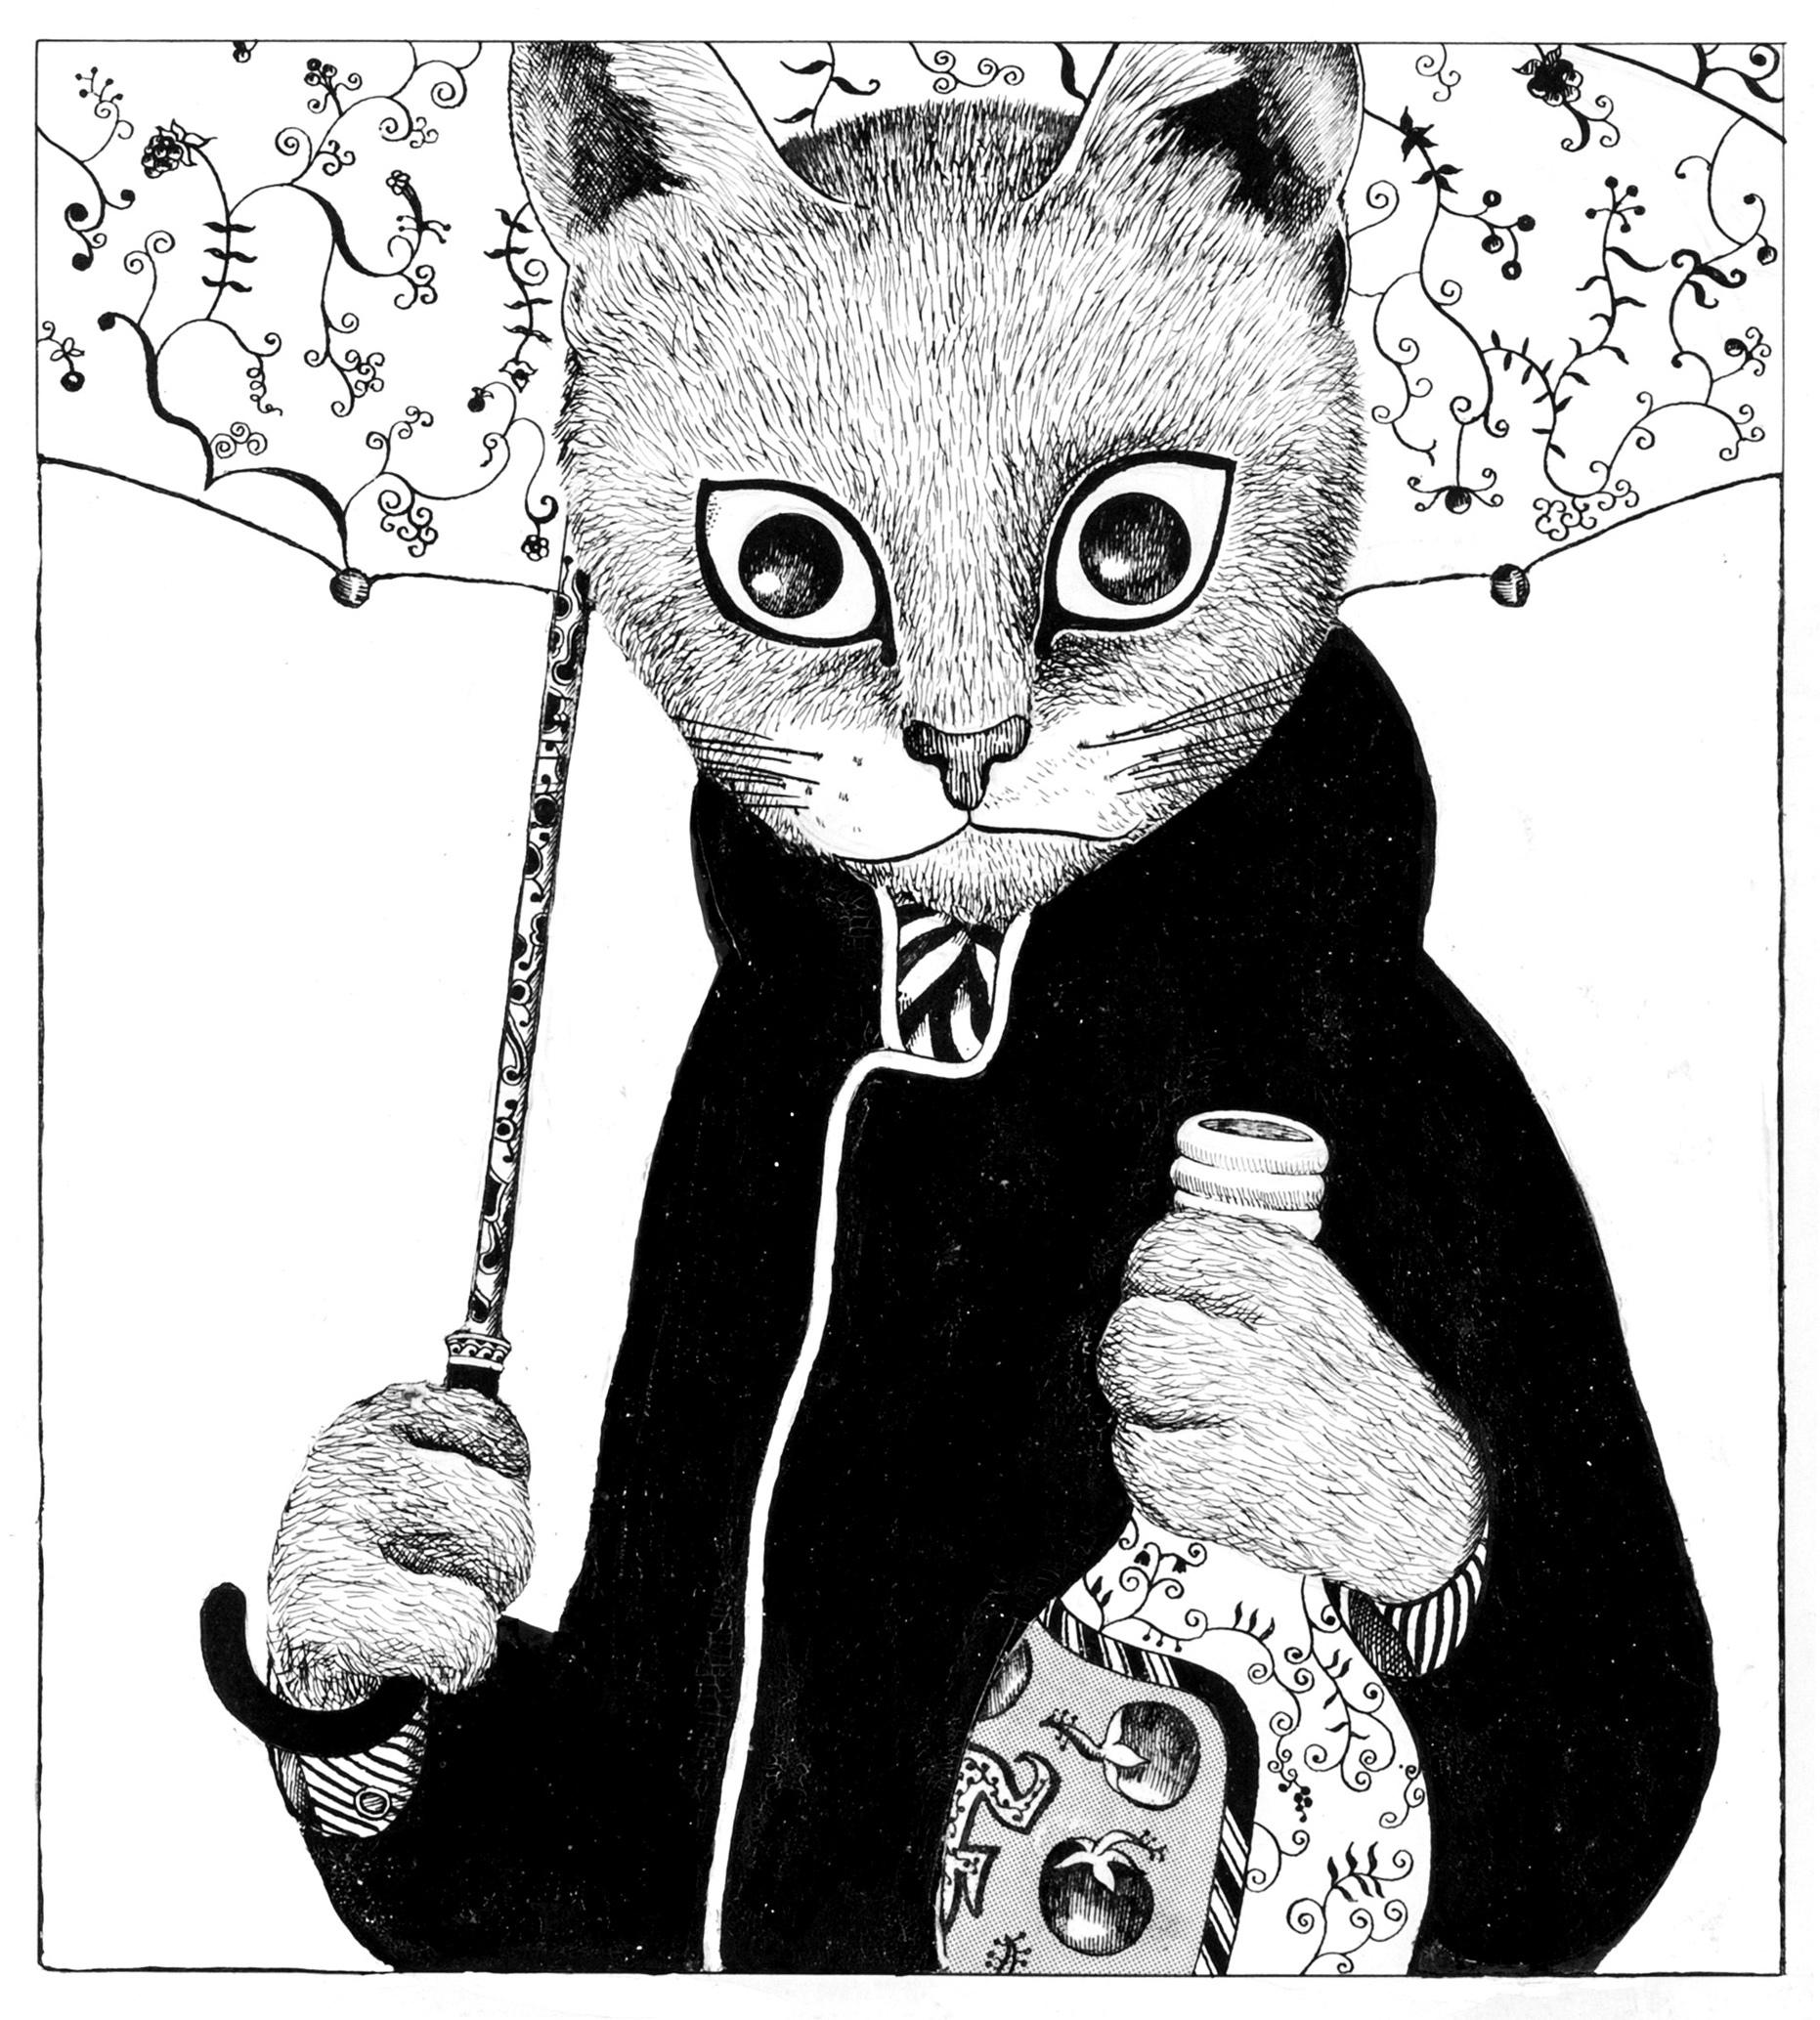 ますむらひろし《酔いどれ鉄の肖像》1976年発表 (C)ますむら・ひろし